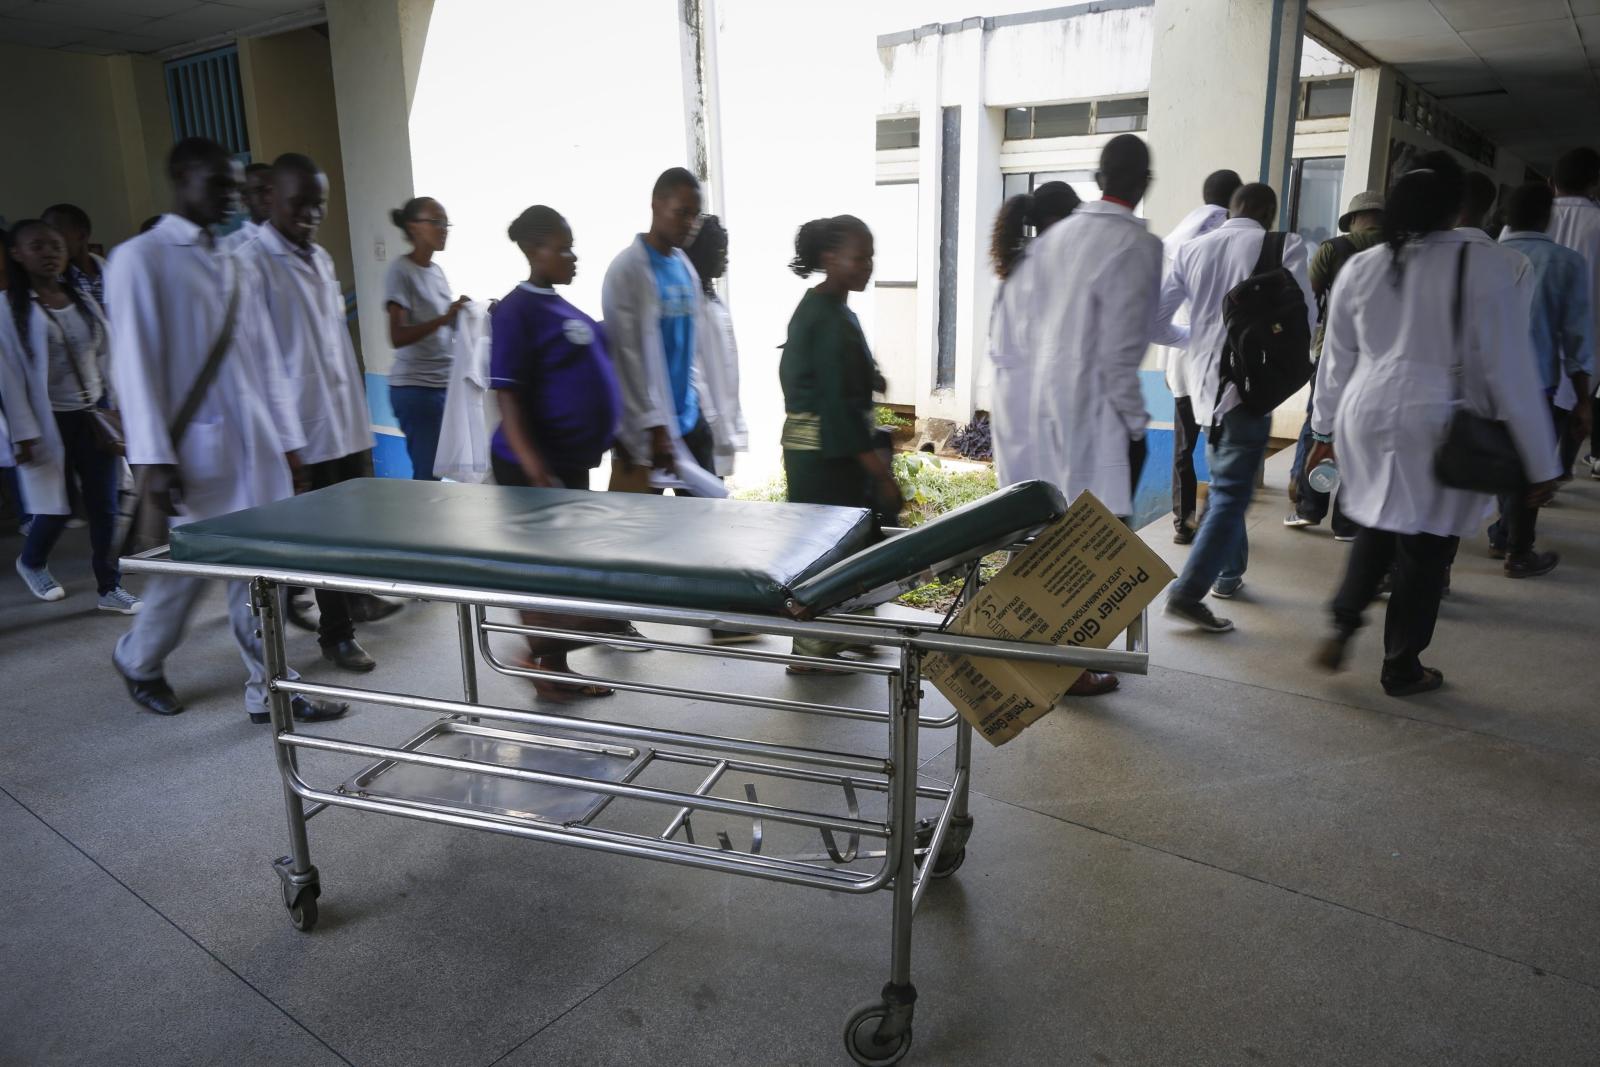 Kenia: strajk lekarzy. Fot. PAP/EPA/DAI KUROKAWA